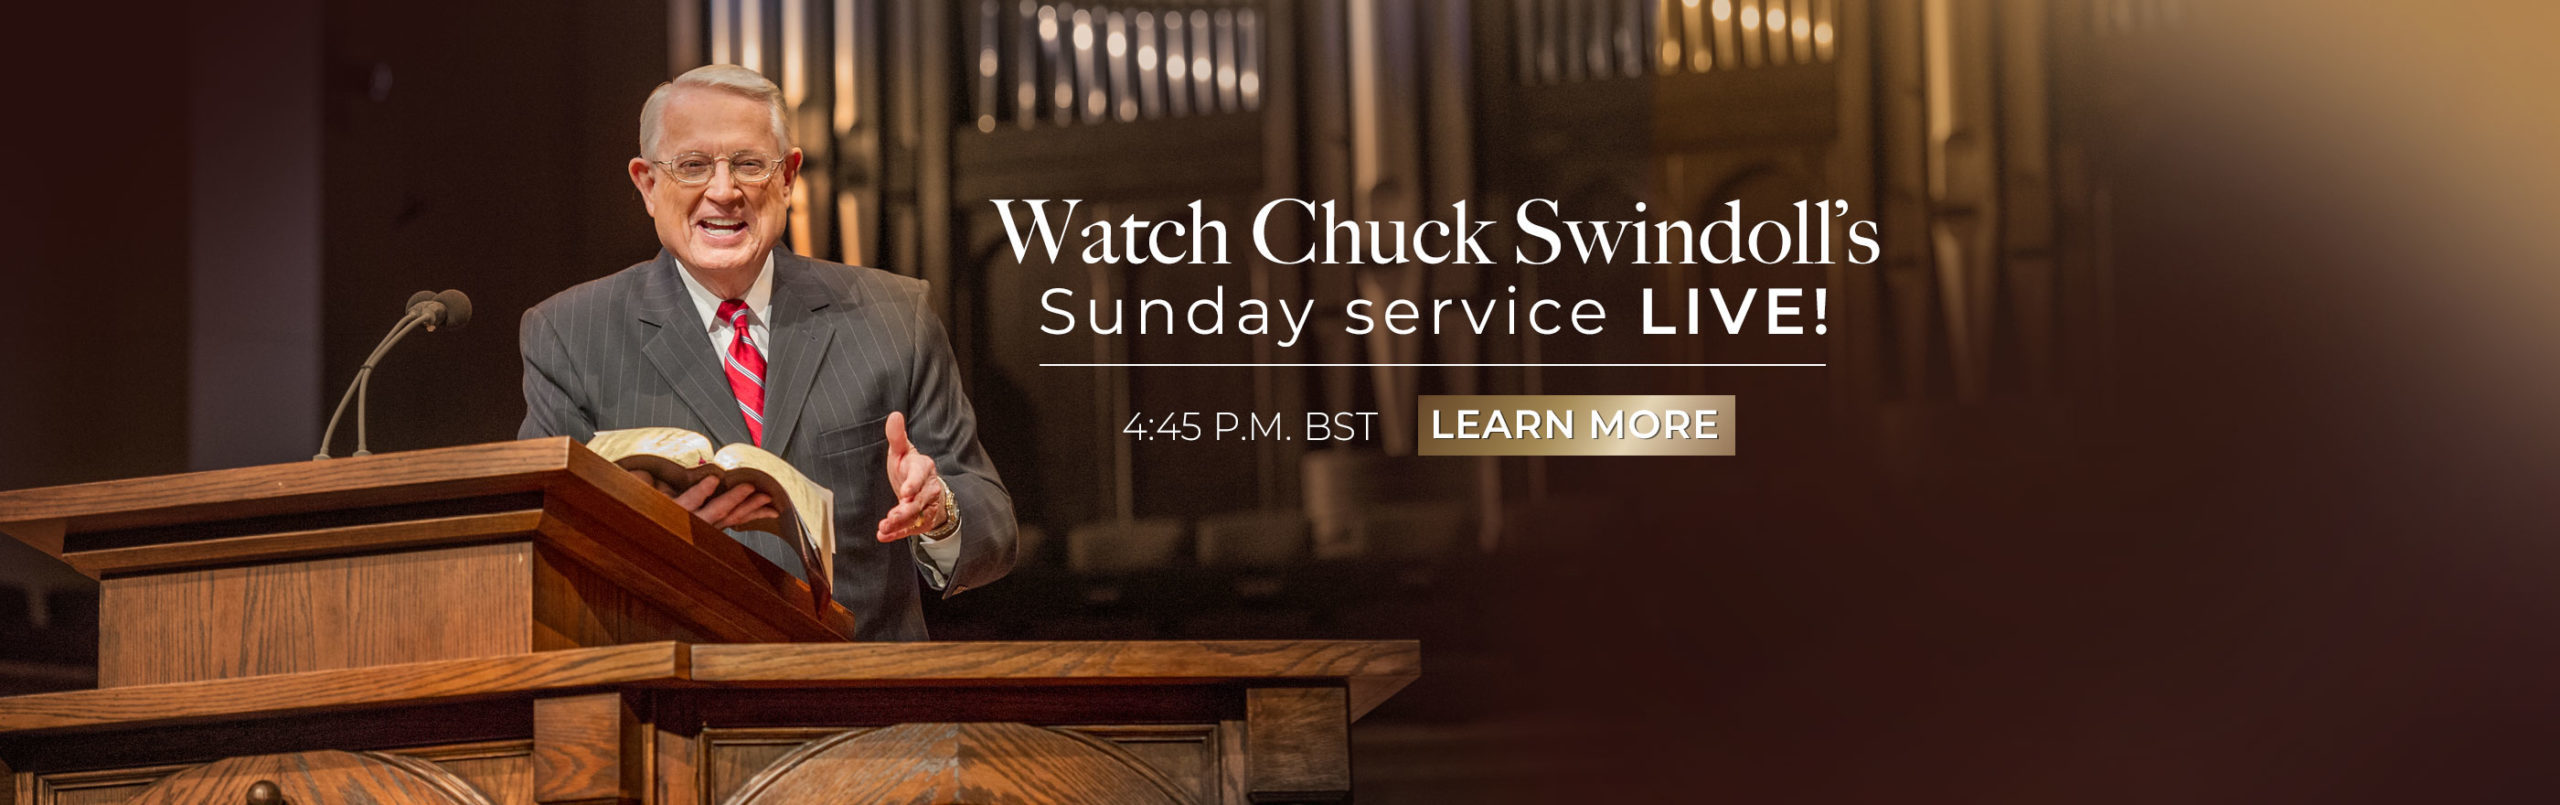 Watch Chuck 4:45 PM BST